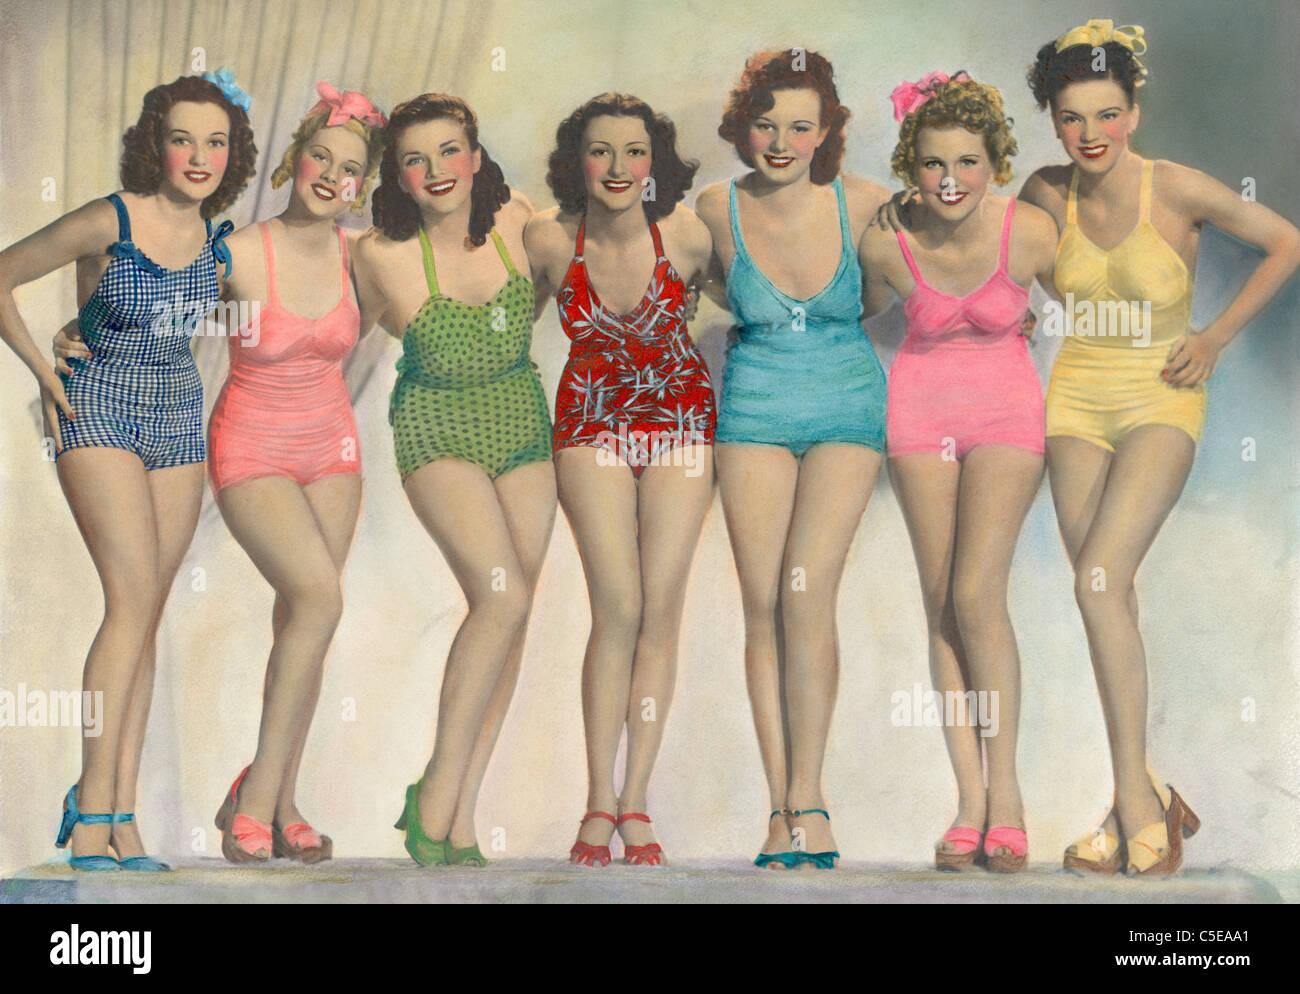 Les femmes posant en costume de bain Photo Stock